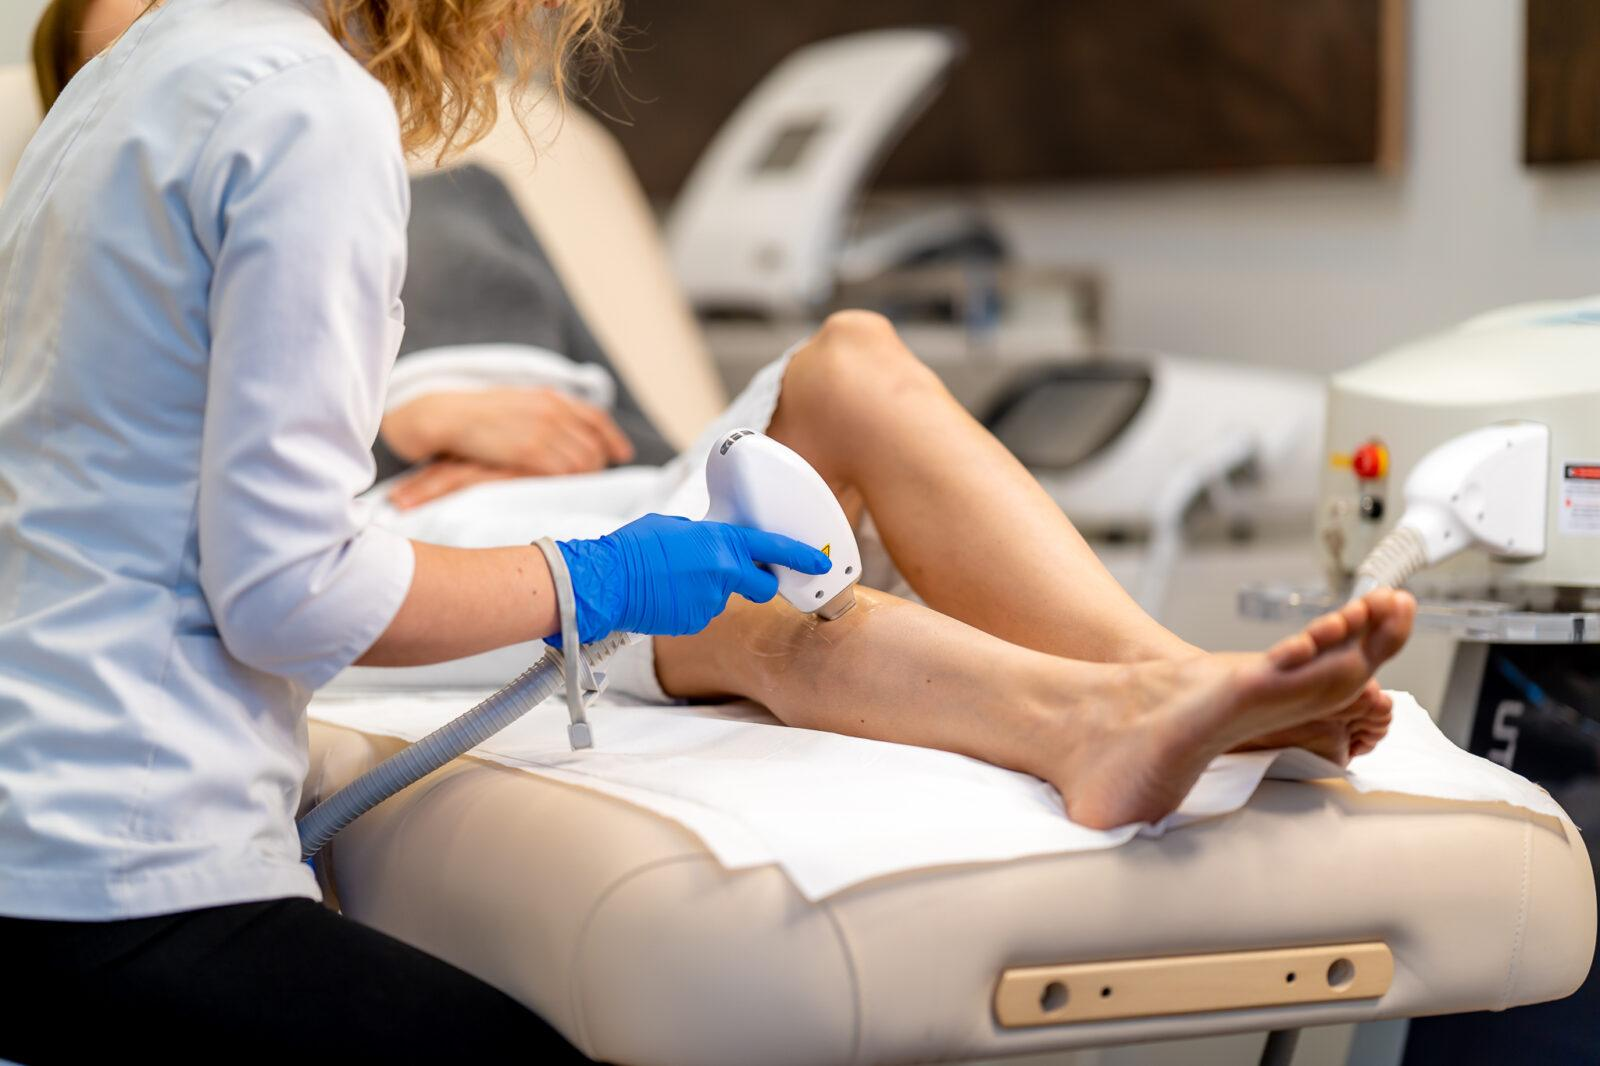 gabinet medycyny estetycznej milbrandt depilacja laserowa